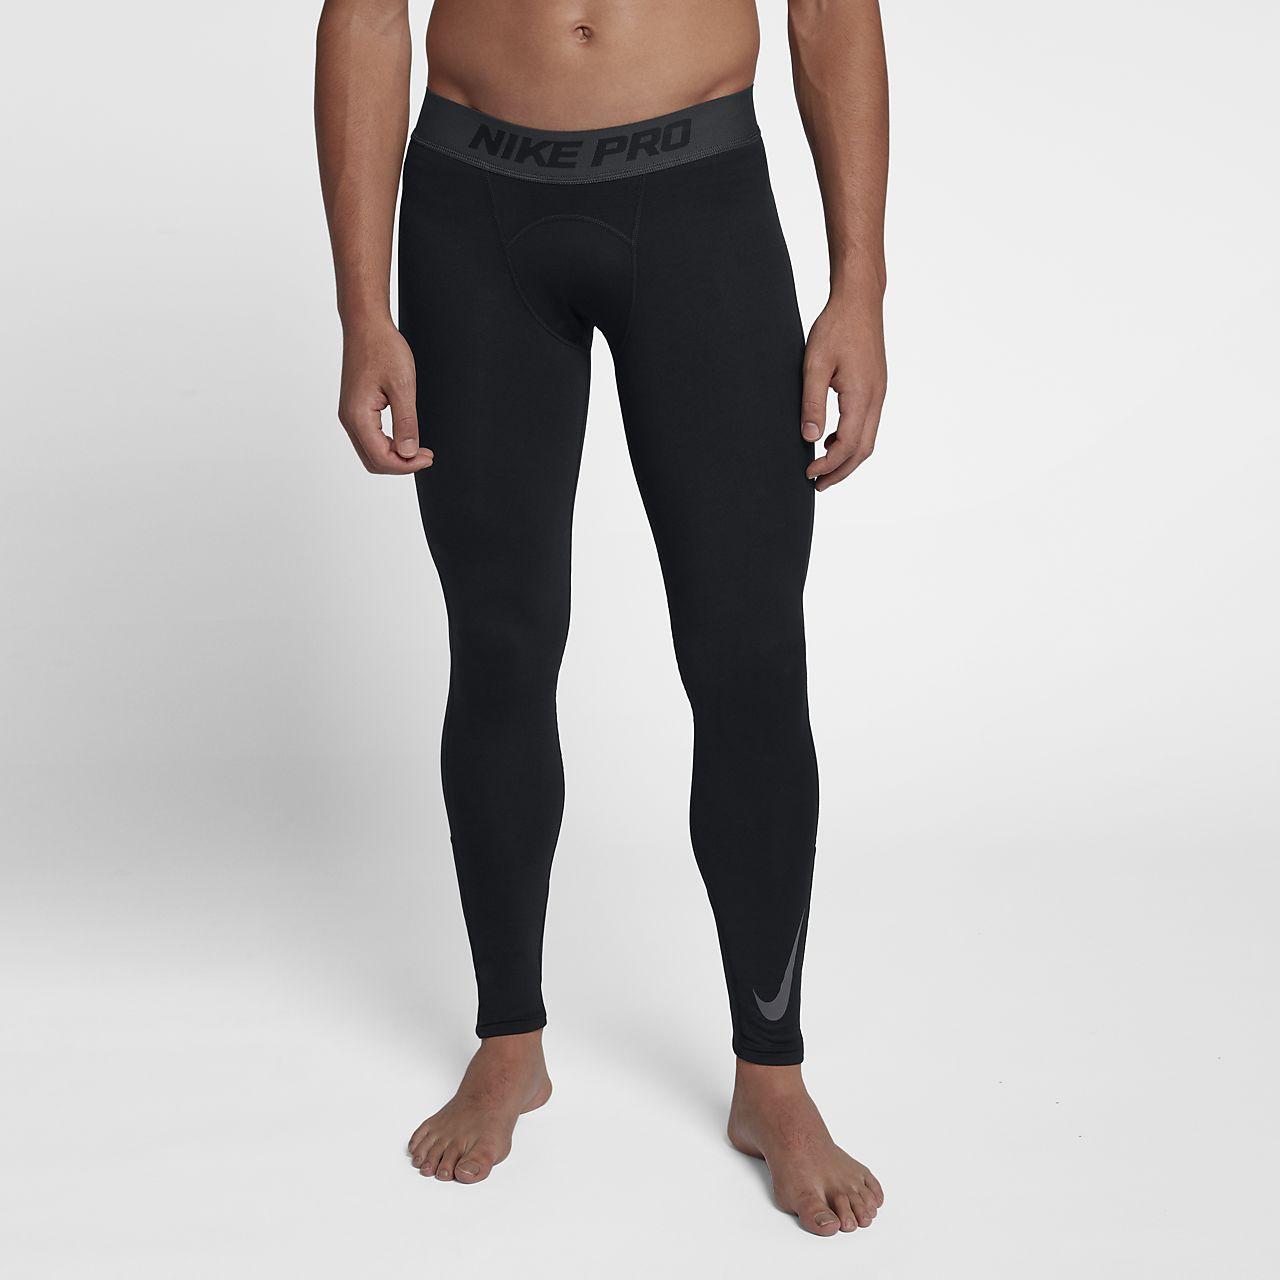 fc14b08ffe9e1b Low Resolution Nike Pro Dri-FIT Therma Men s Tights Nike Pro Dri-FIT Therma Men s  Tights